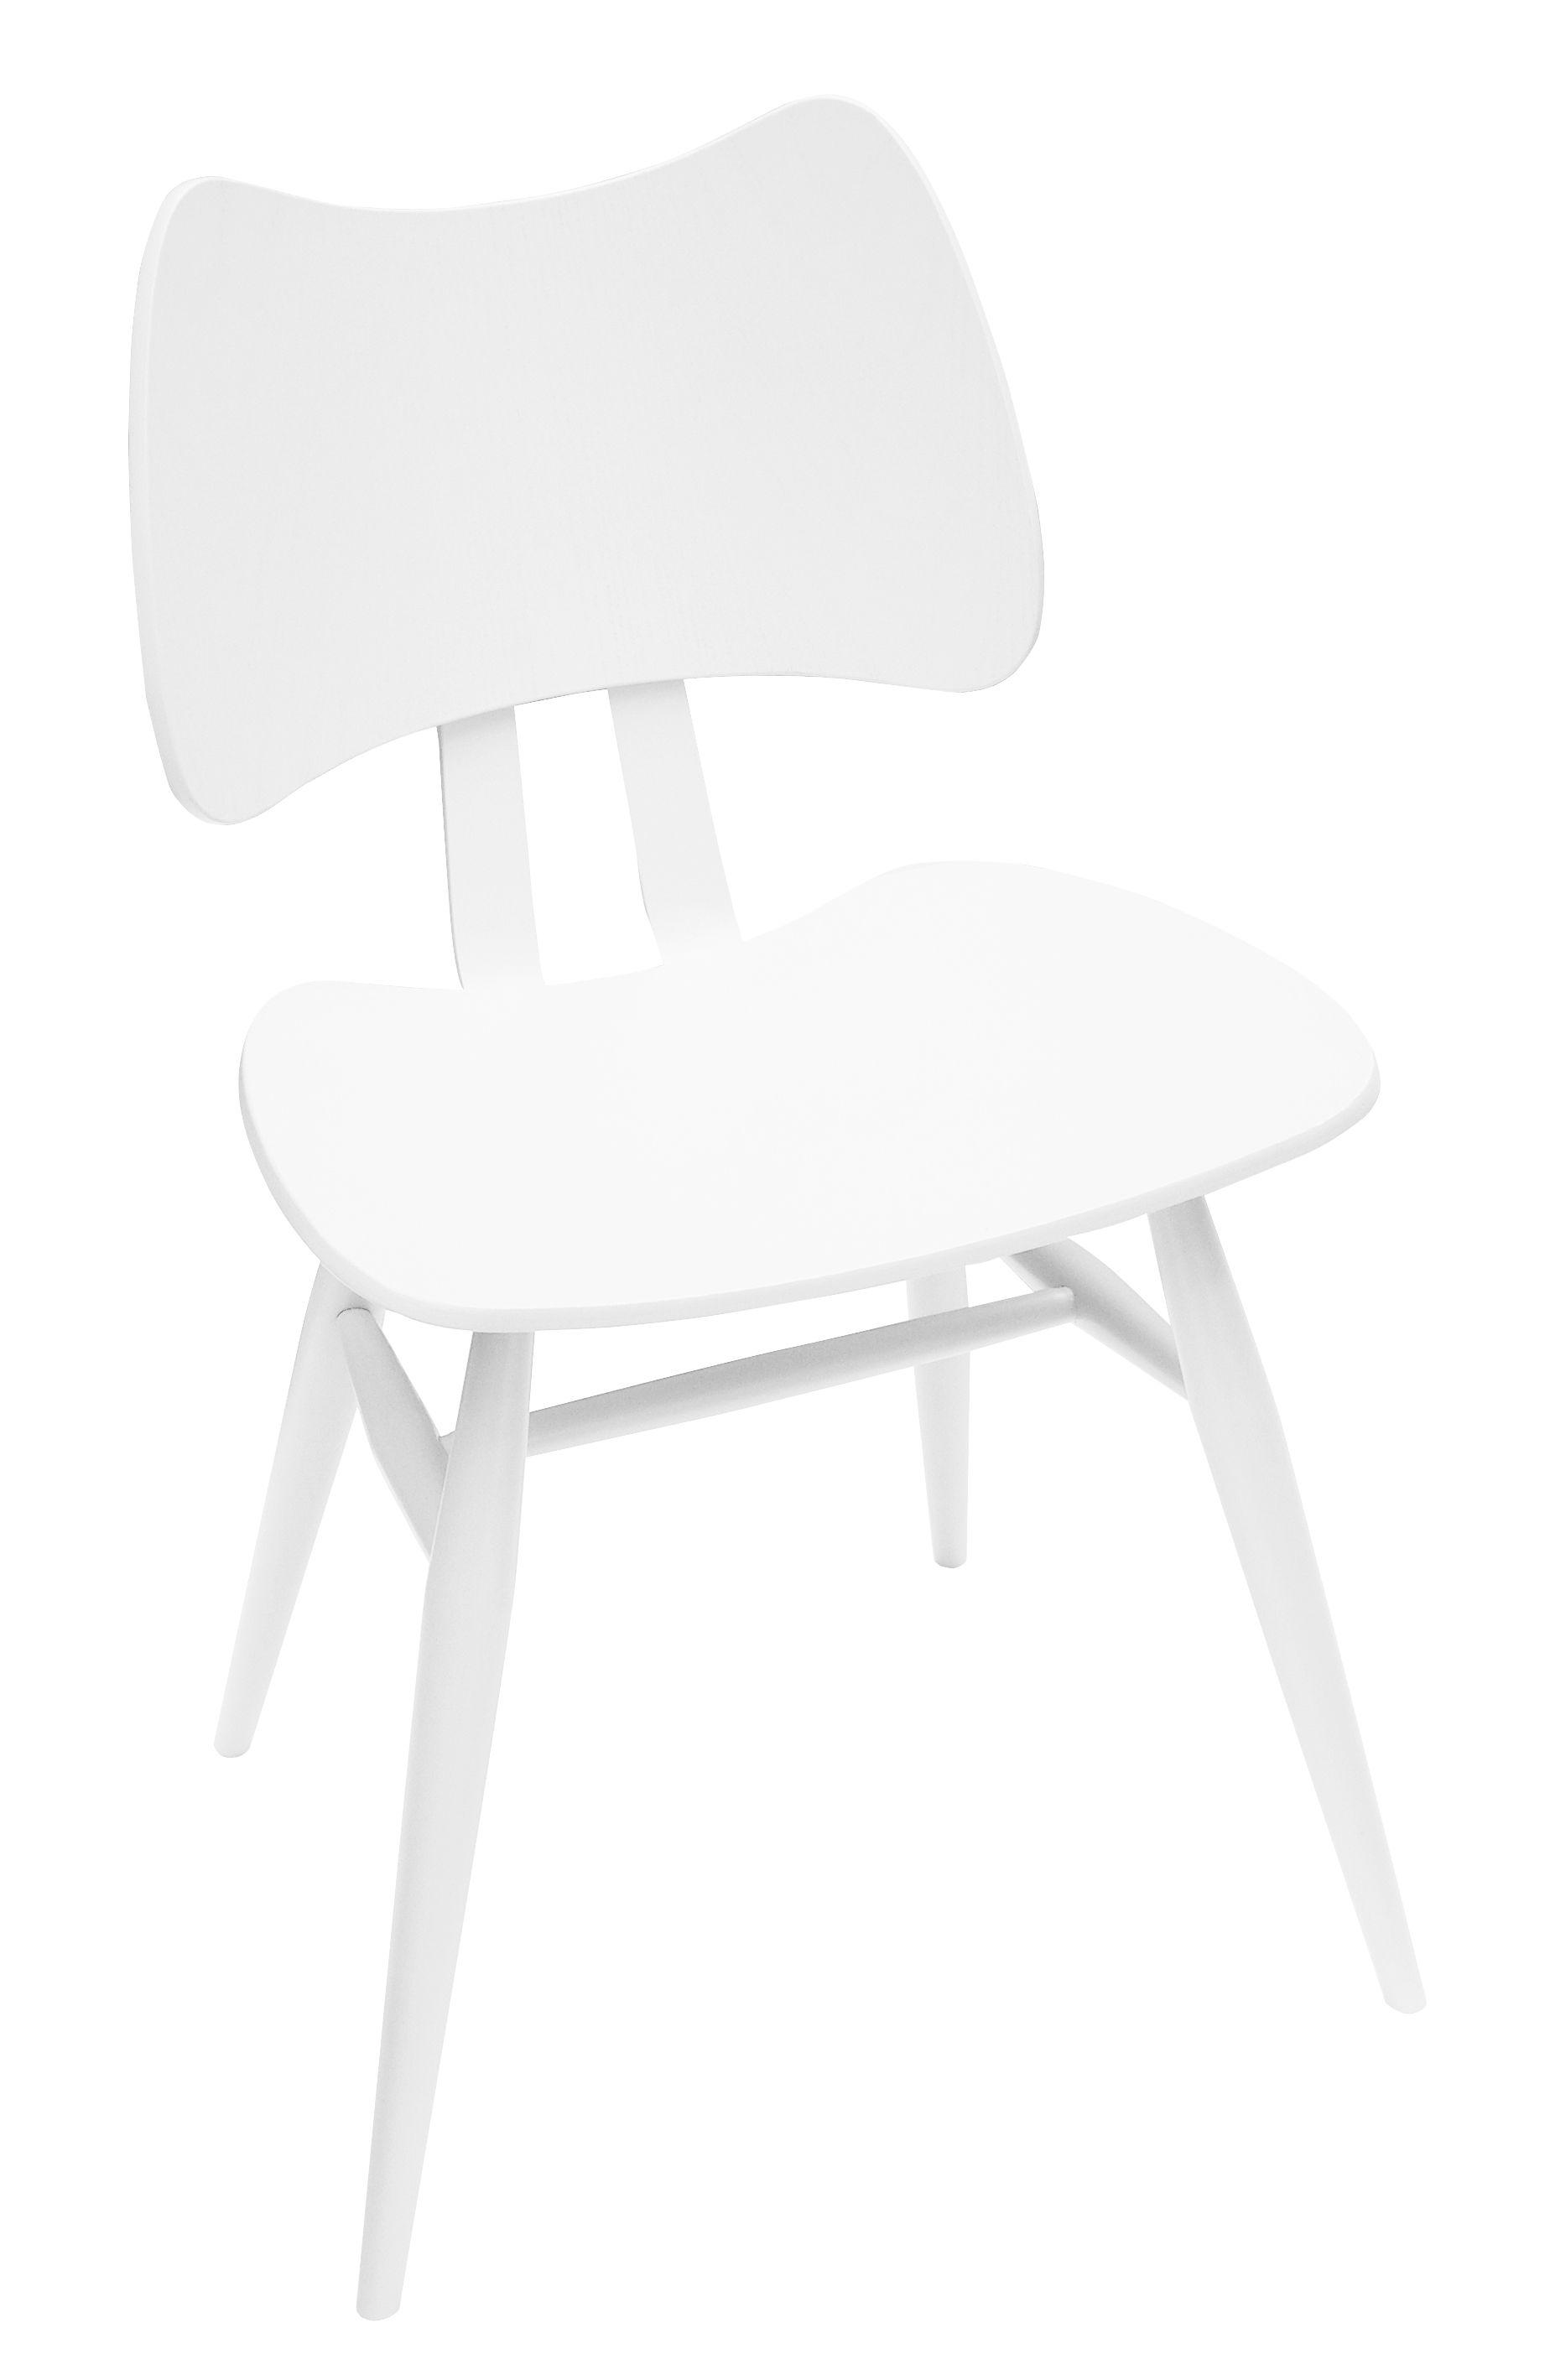 Mobilier - Chaises, fauteuils de salle à manger - Chaise Butterfly / Bois - Réédition 1958 - Ercol - Blanc - Contreplaqué de orme, Hêtre massif